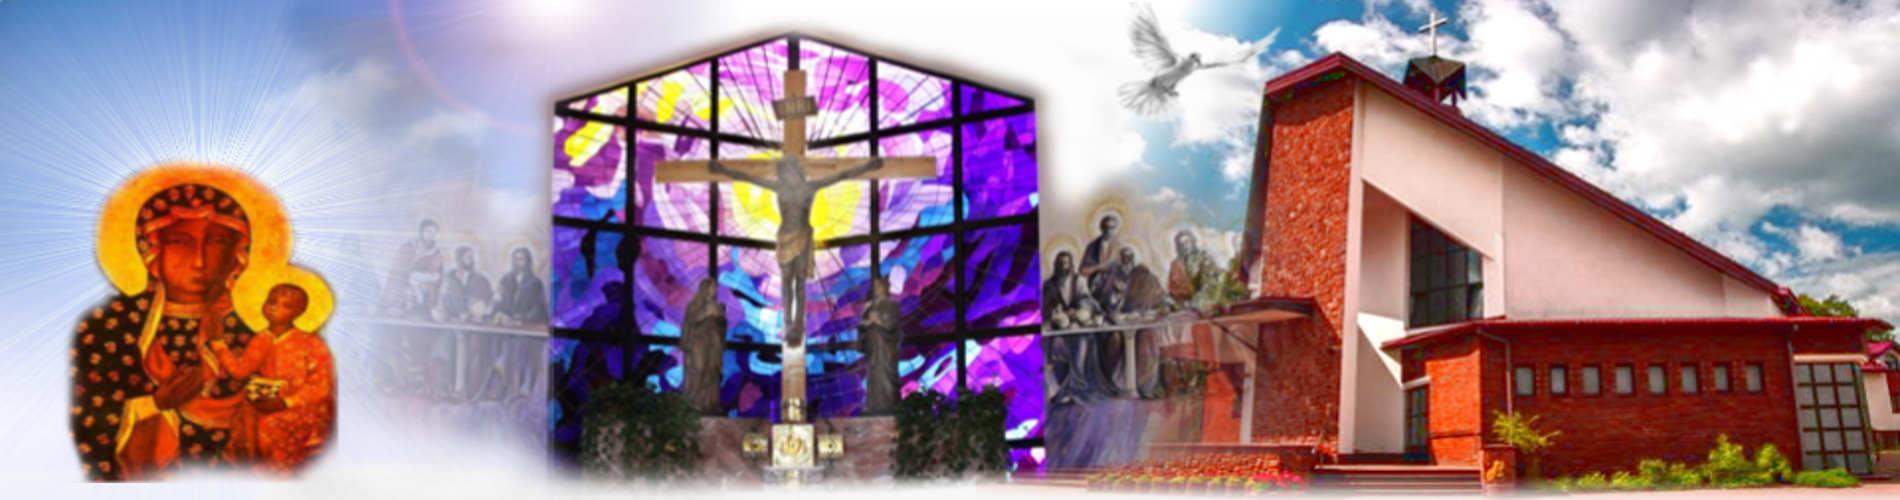 Jasło - parafia Matki Bożej Częstochowskiej